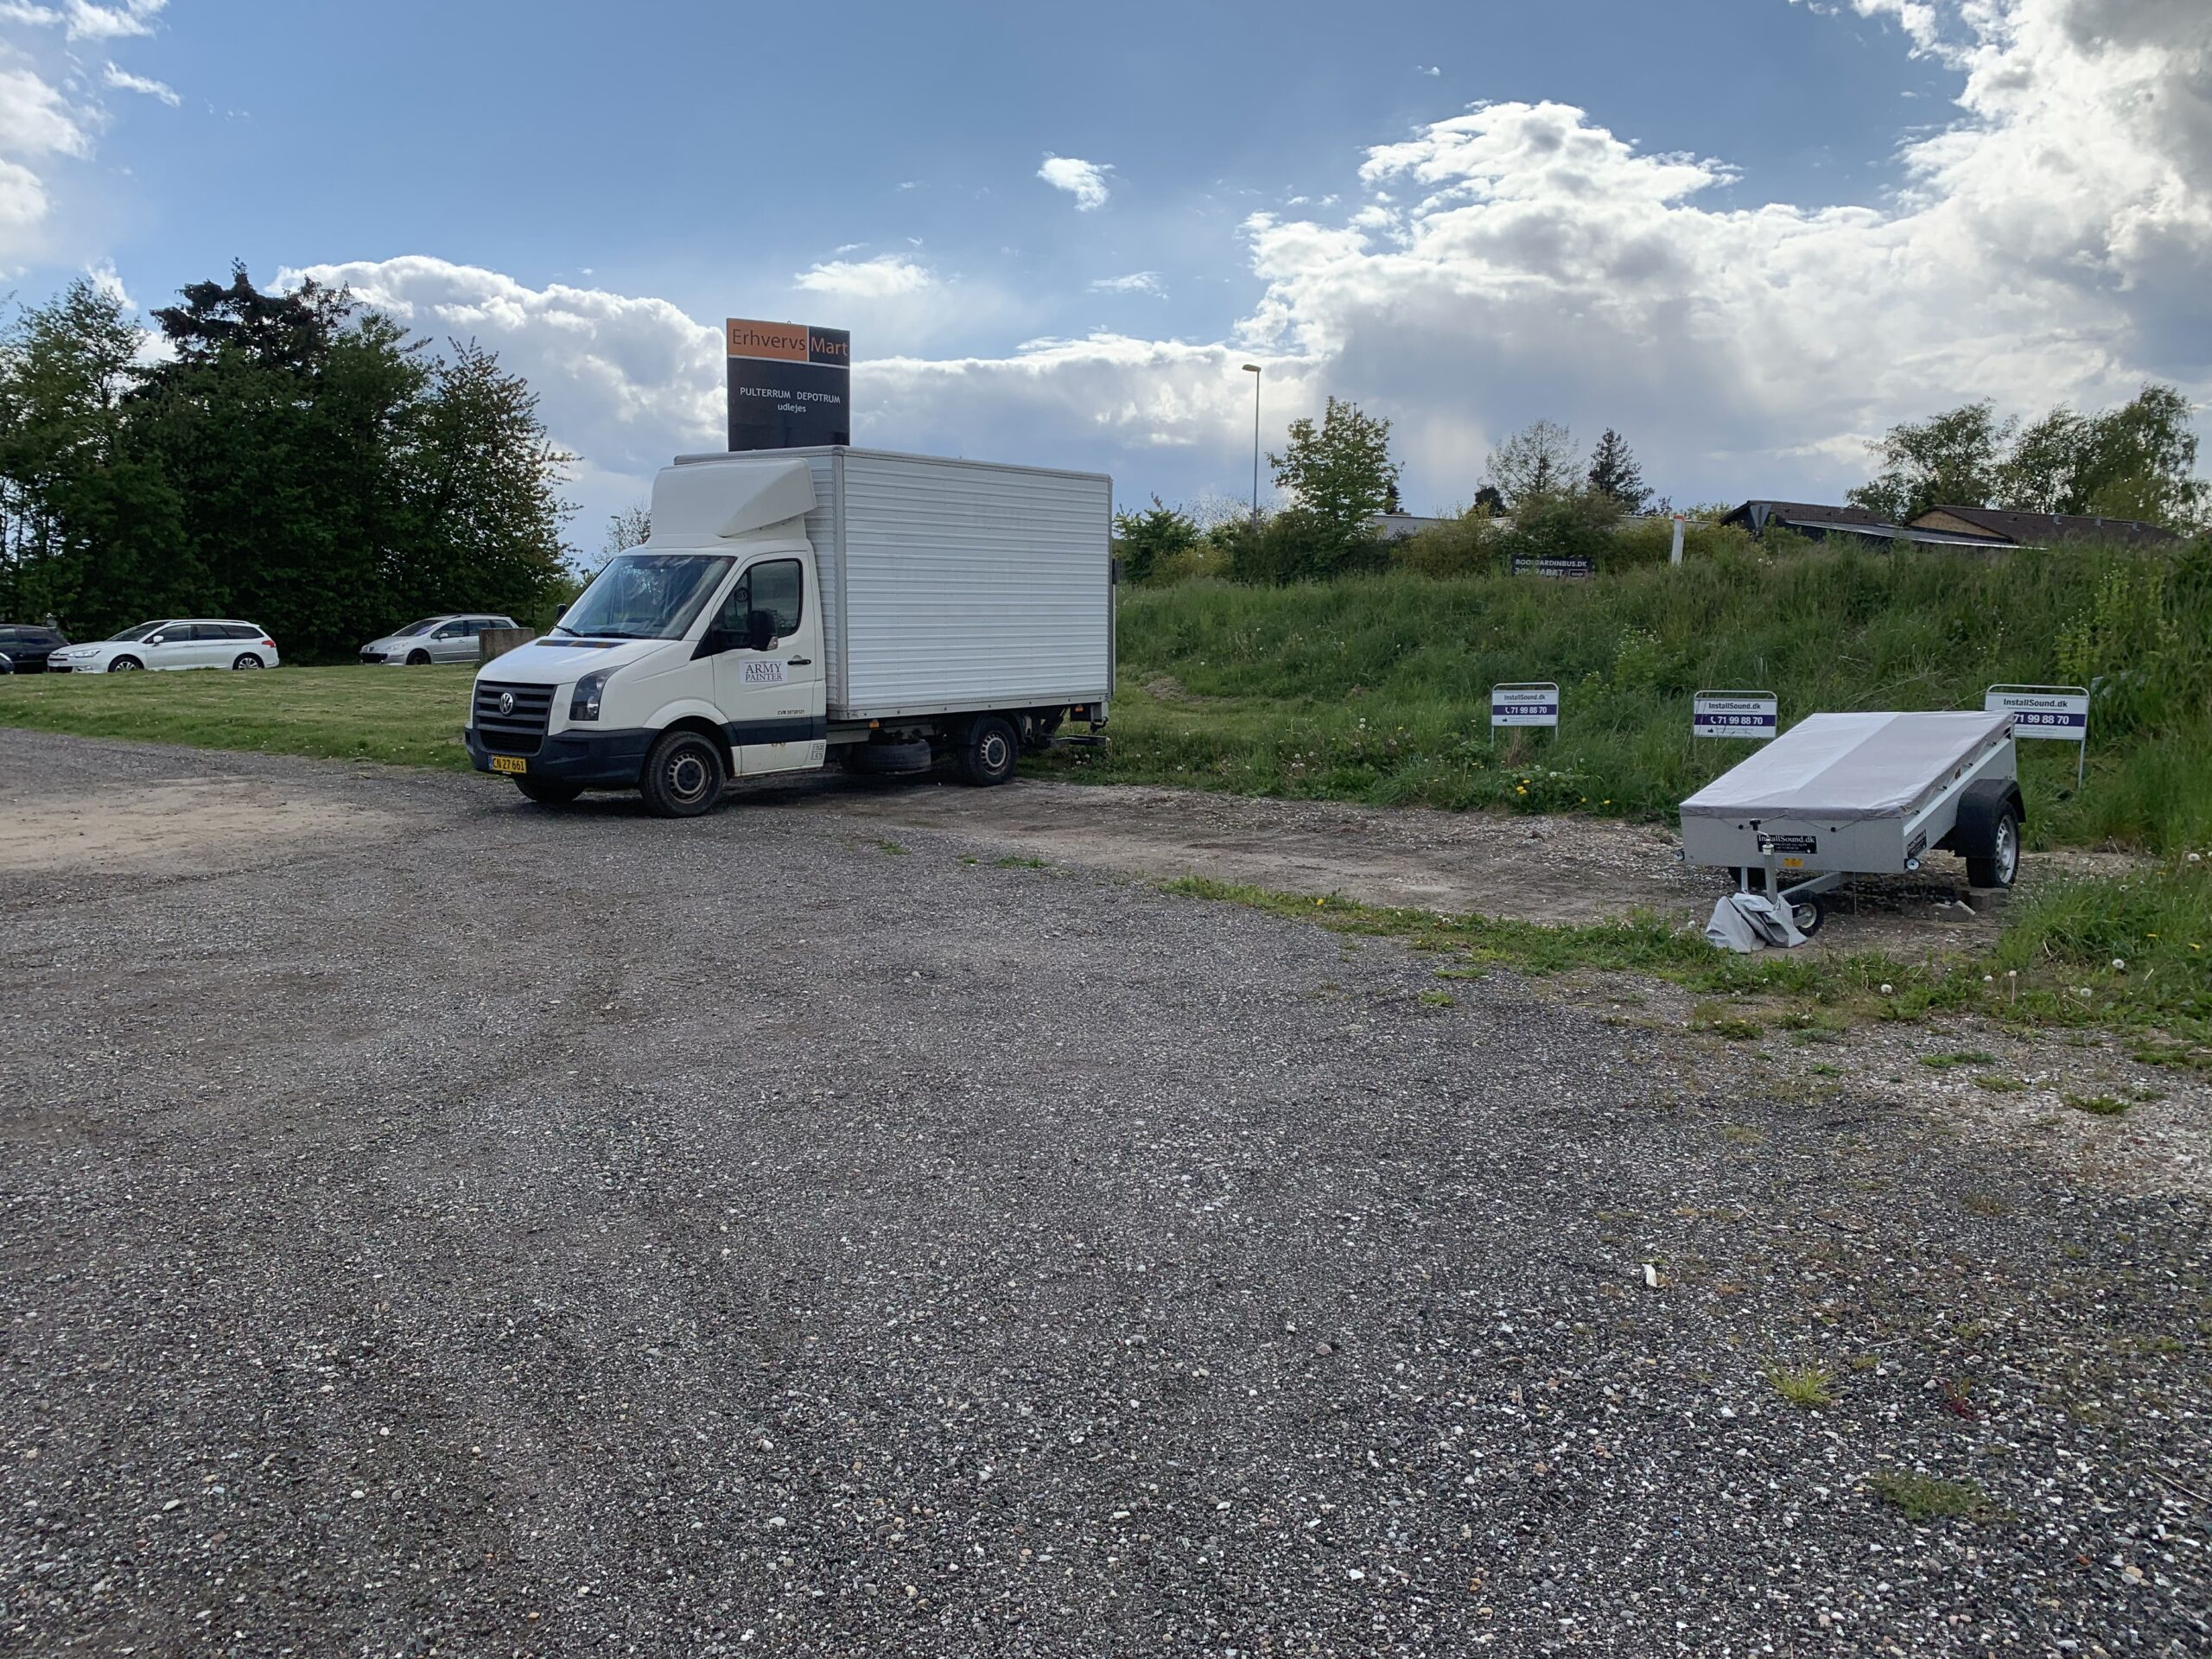 Parkering ved InstallSound.dk på Nydamsvej 1, 8362 Hørning